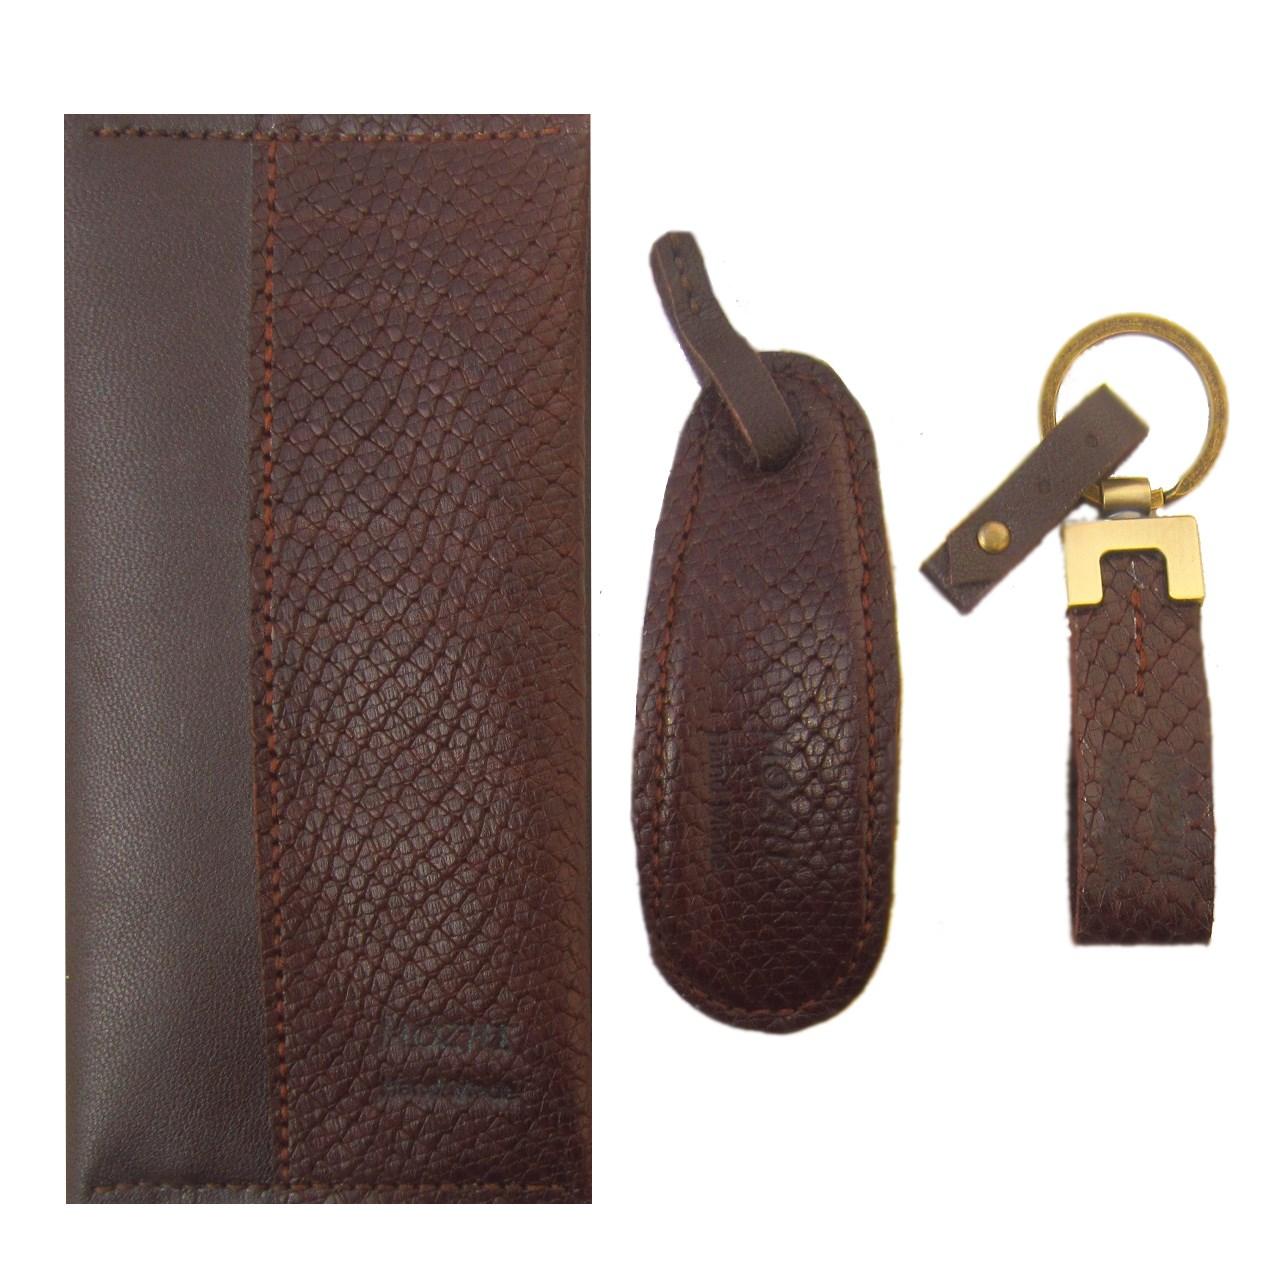 قیمت ست هدیه  چرم طبیعی دستدوز مژی مدل K2-51